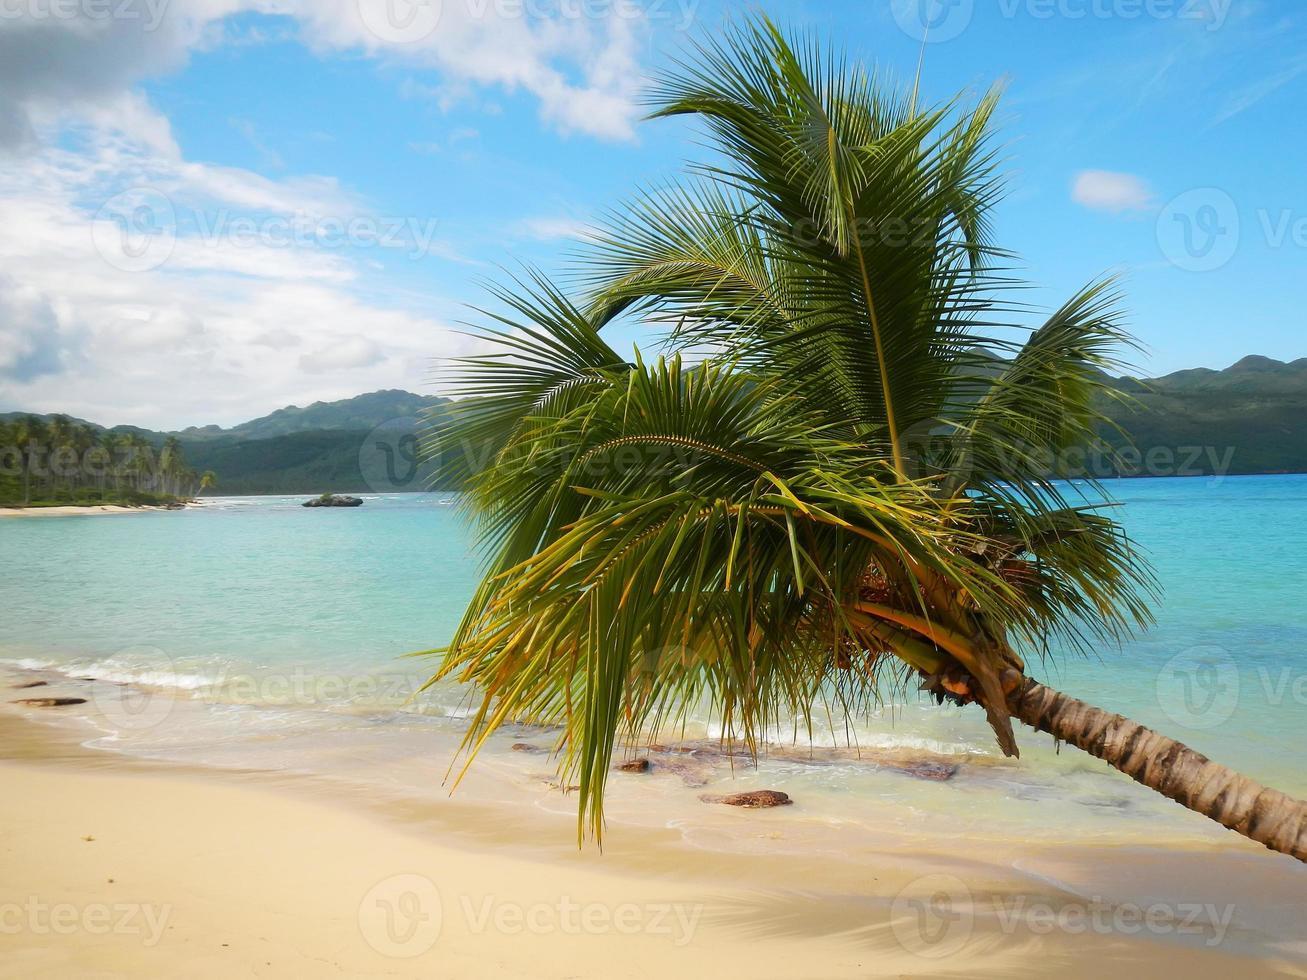 Leaning palm tree at Rincon beach, Samana peninsula photo